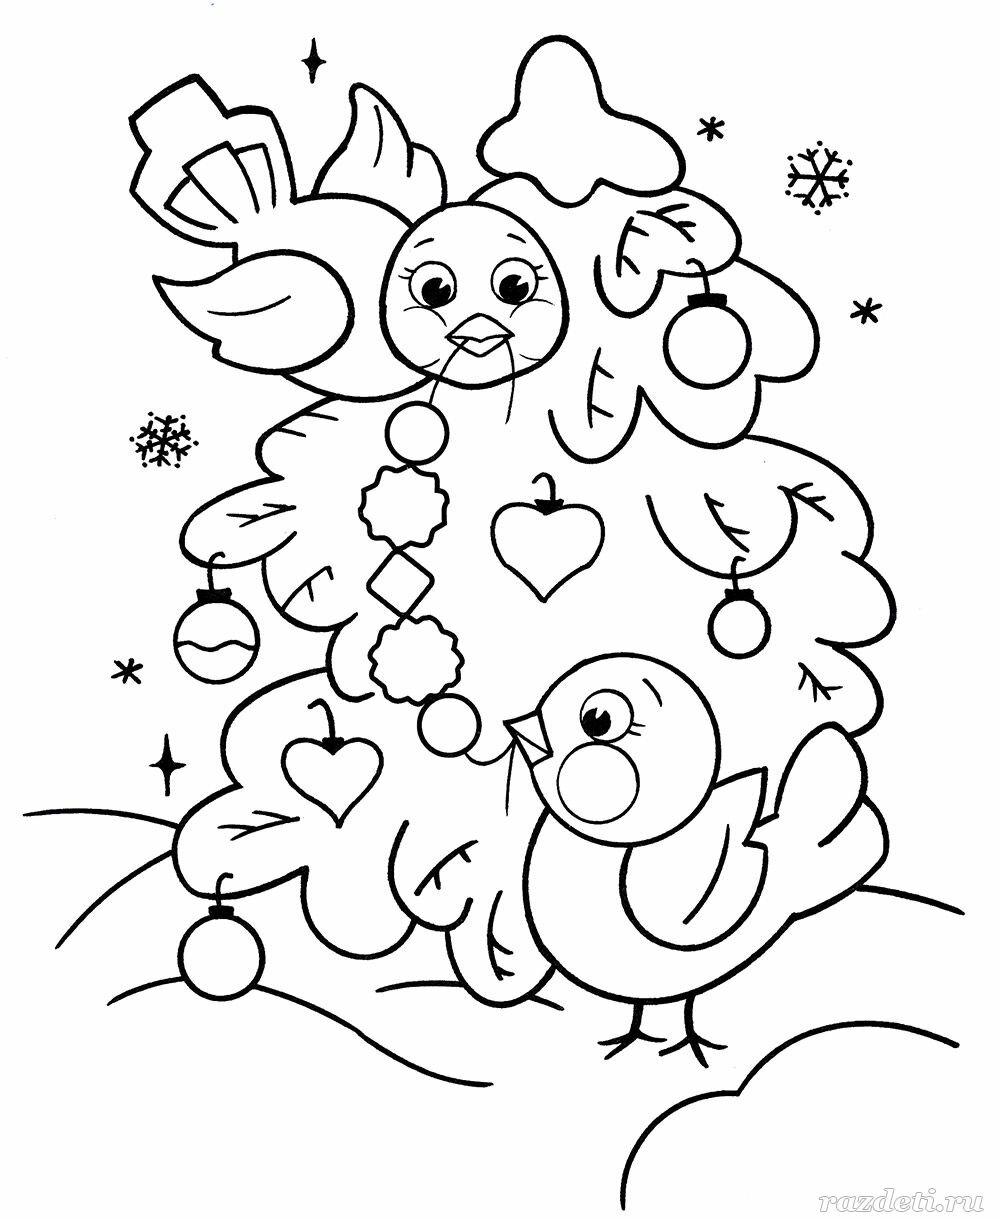 Новогодние картинки распечатать и раскрасить